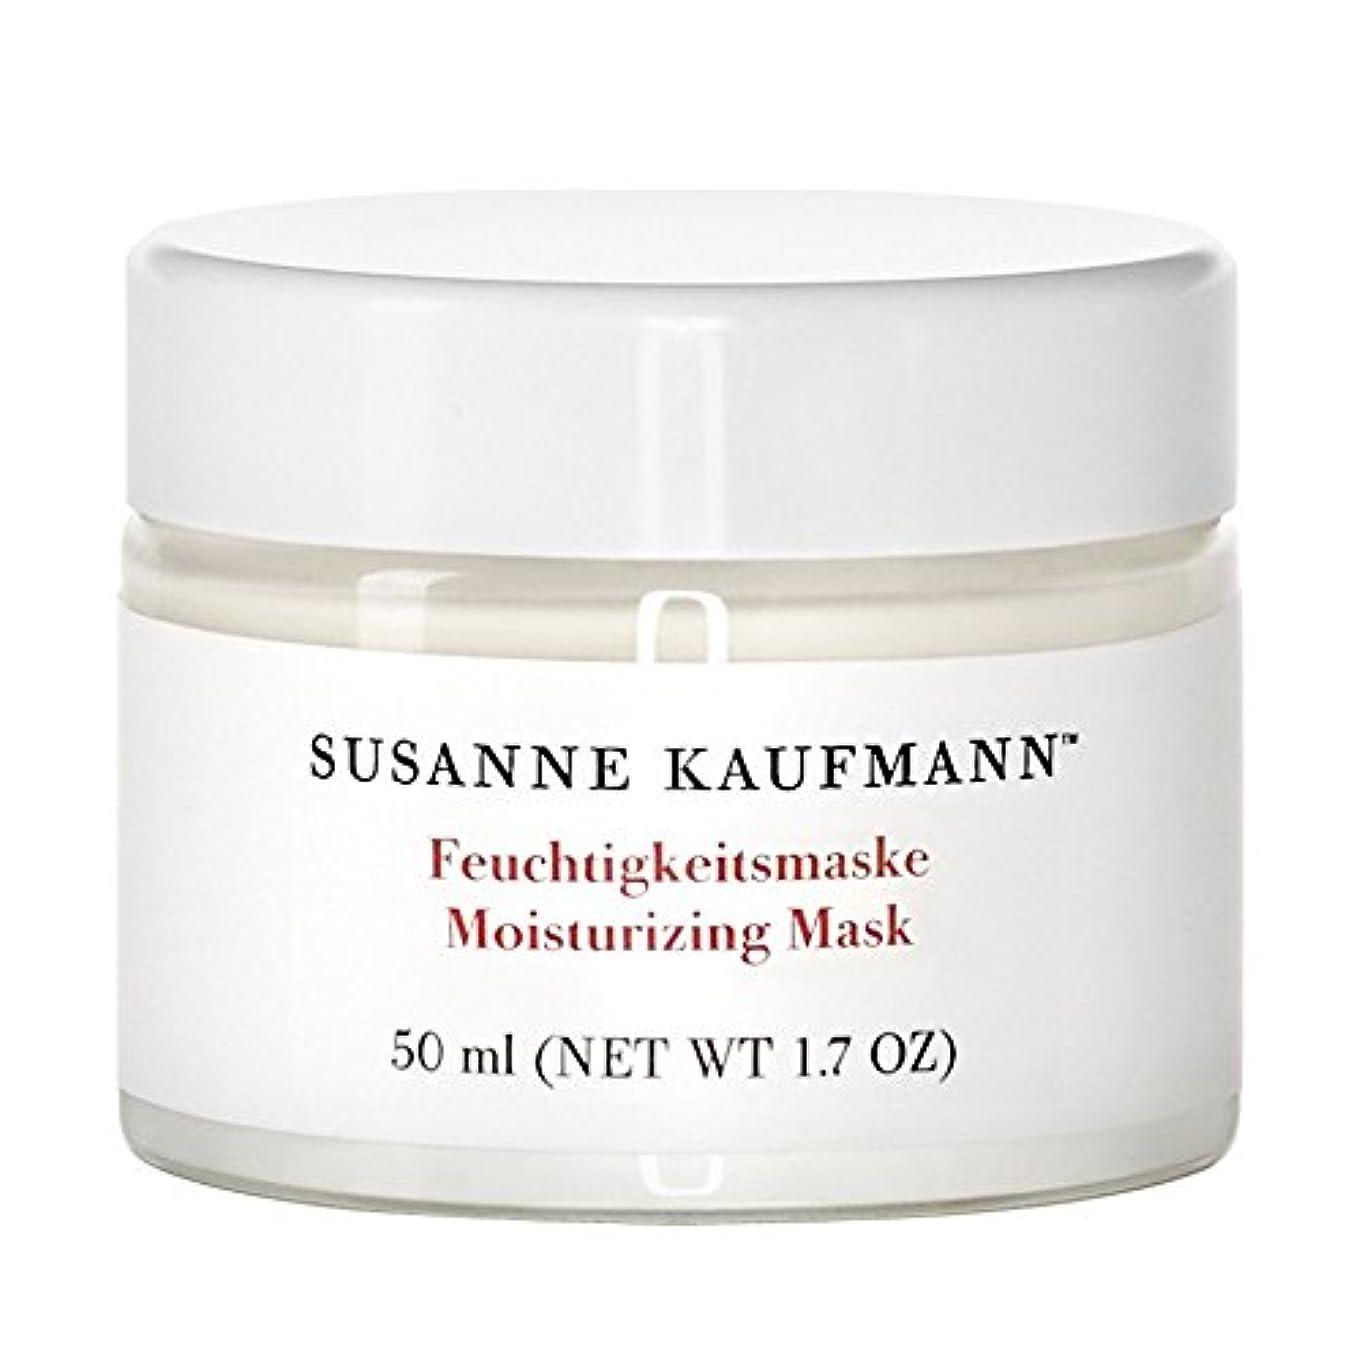 クリスチャン時計摂氏スザンヌカウフマン保湿マスク50ミリリットル x2 - Susanne Kaufmann Moisturising Mask 50ml (Pack of 2) [並行輸入品]